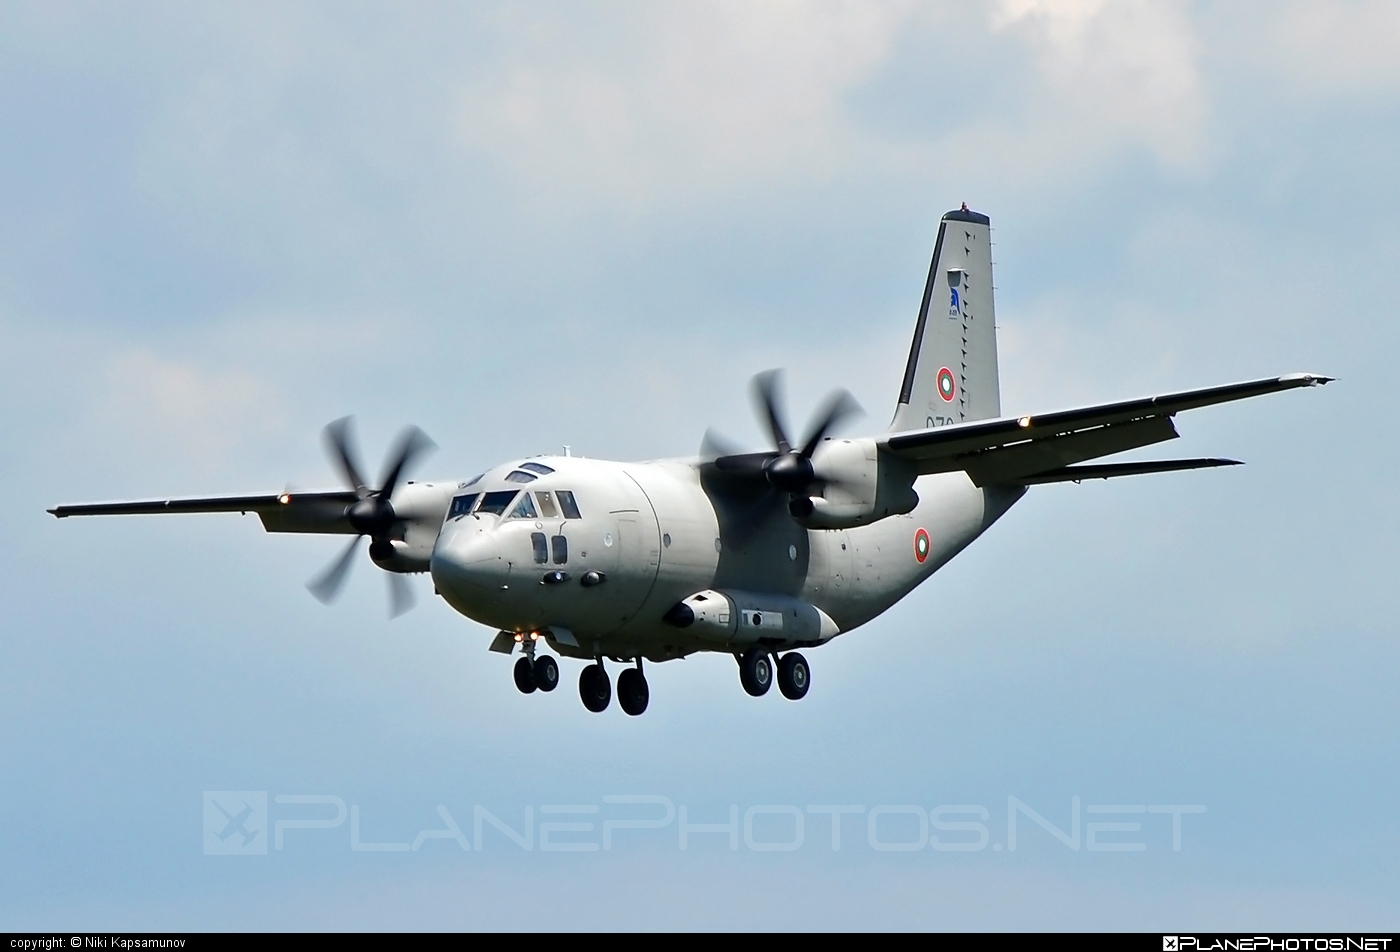 Alenia C-27J Spartan - 073 operated by Blgarski voyennovzdushni sili (Bulgarian Air Force) #alenia #aleniac27j #aleniac27jspartan #aleniaspartan #c27j #c27jspartan #c27spartan